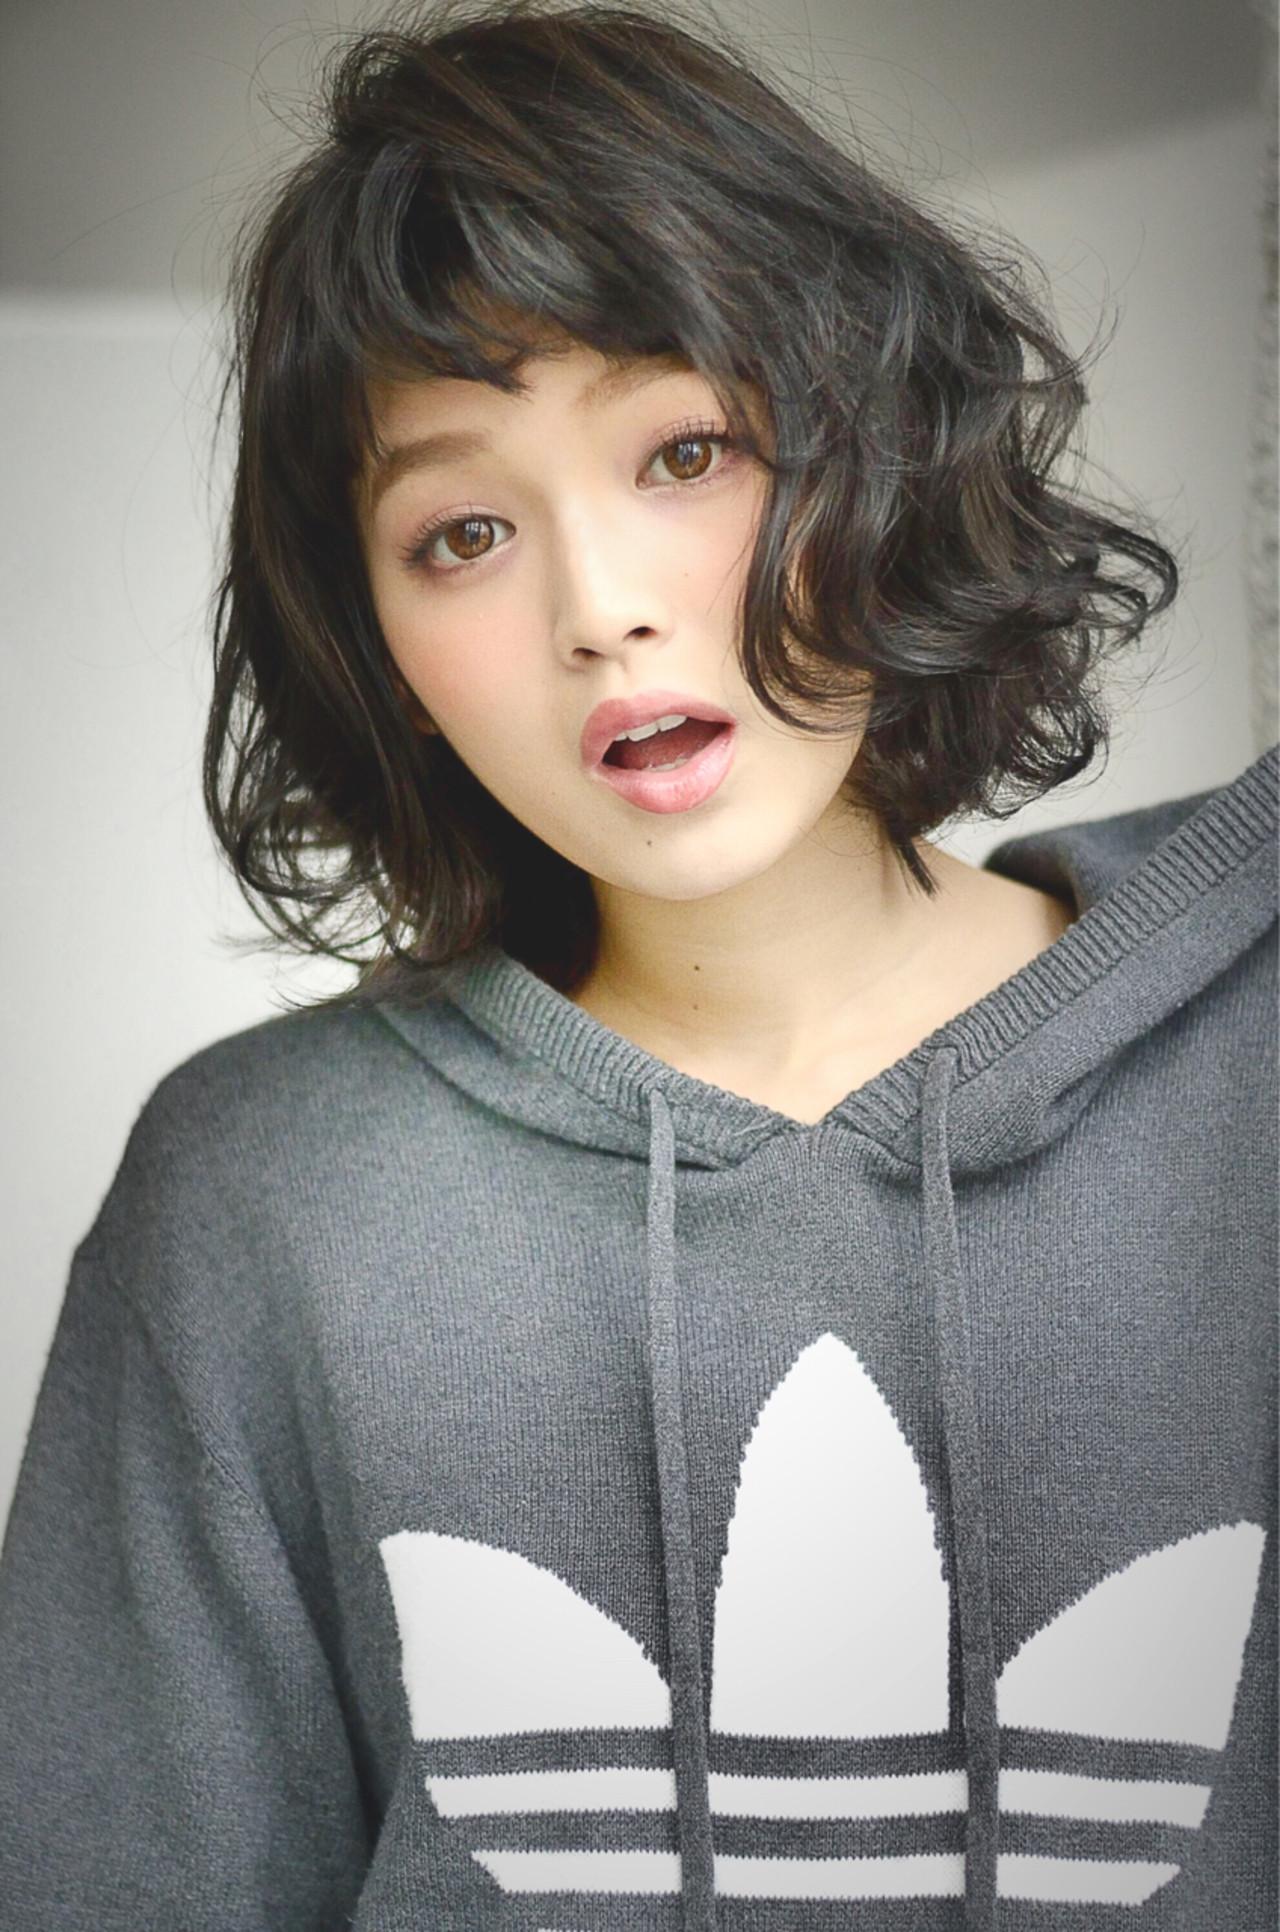 新しい出会いに向けて可愛さ倍増計画♡パーマで春らしさを先取り。 中川 貴博 / Kate